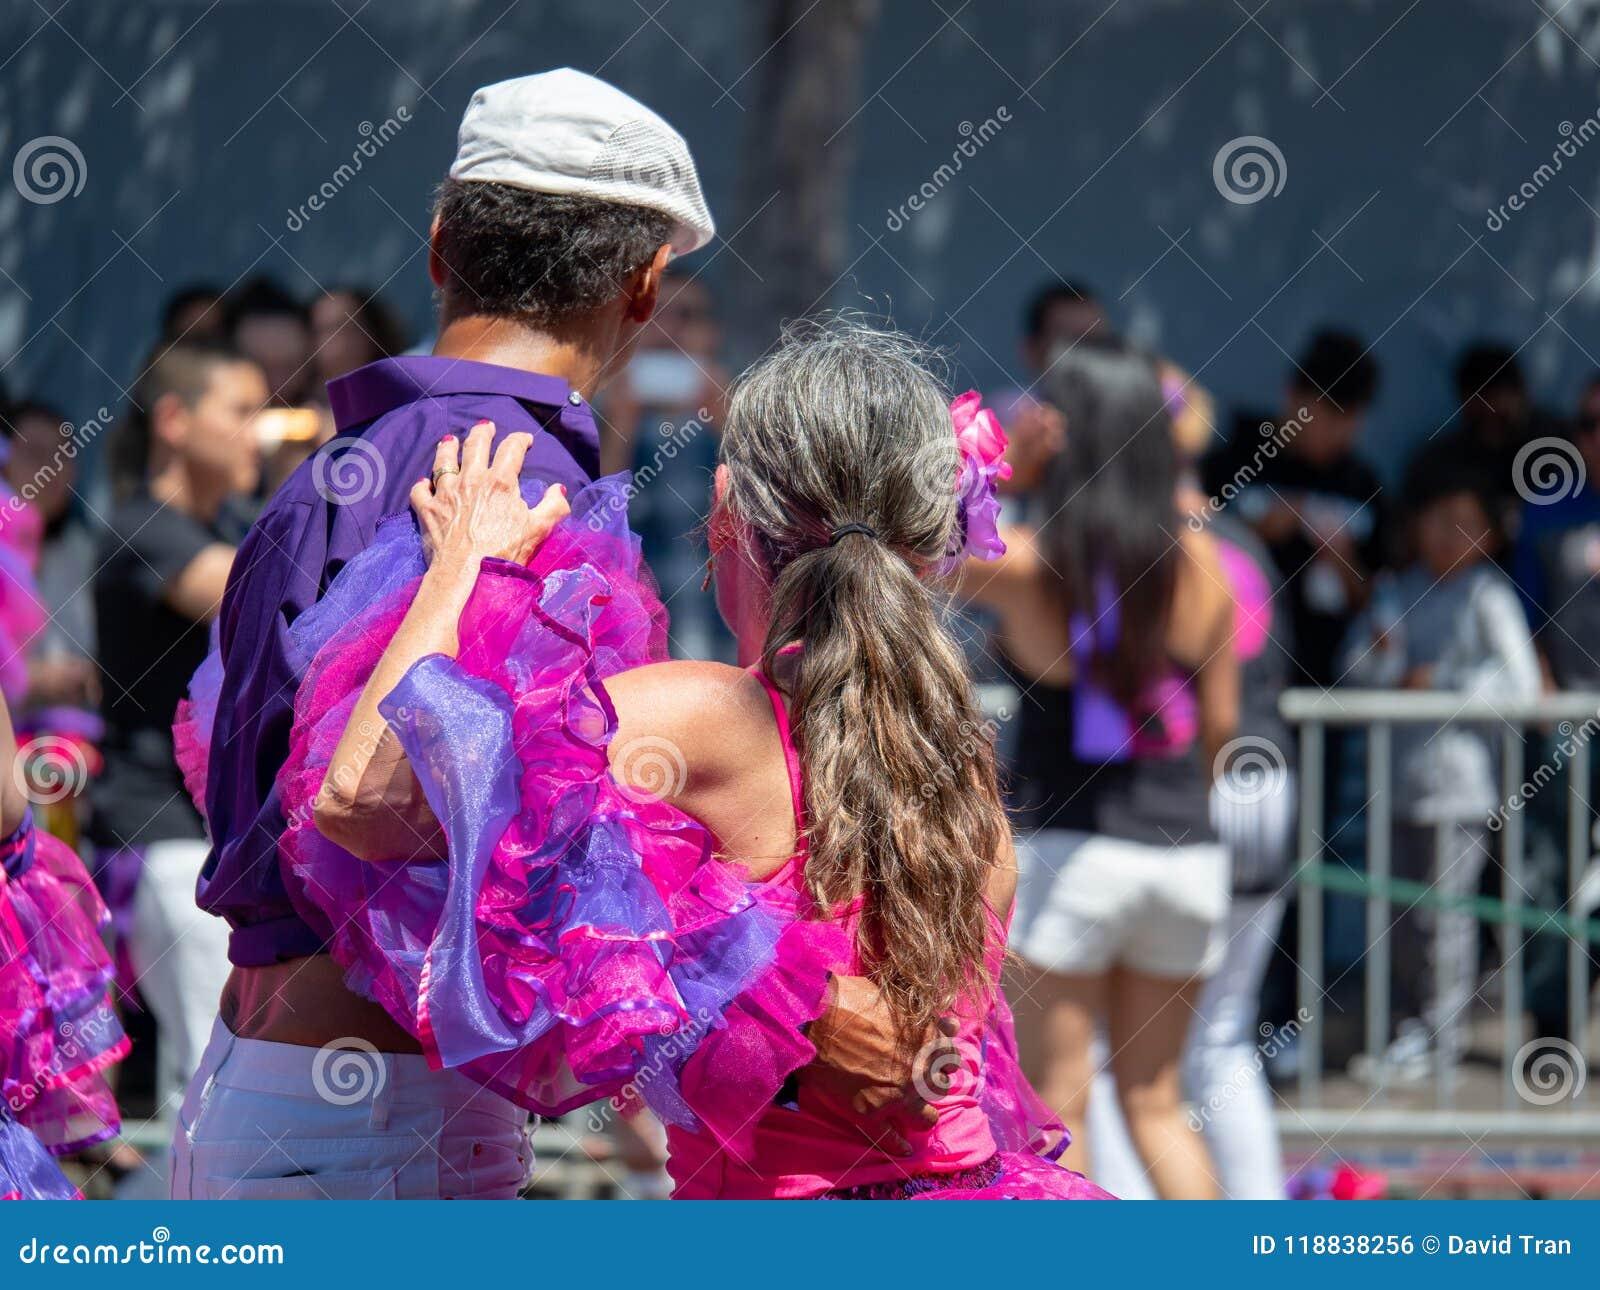 La salsa del hombre y de la mujer baila en el medio de un desfile con una muchedumbre